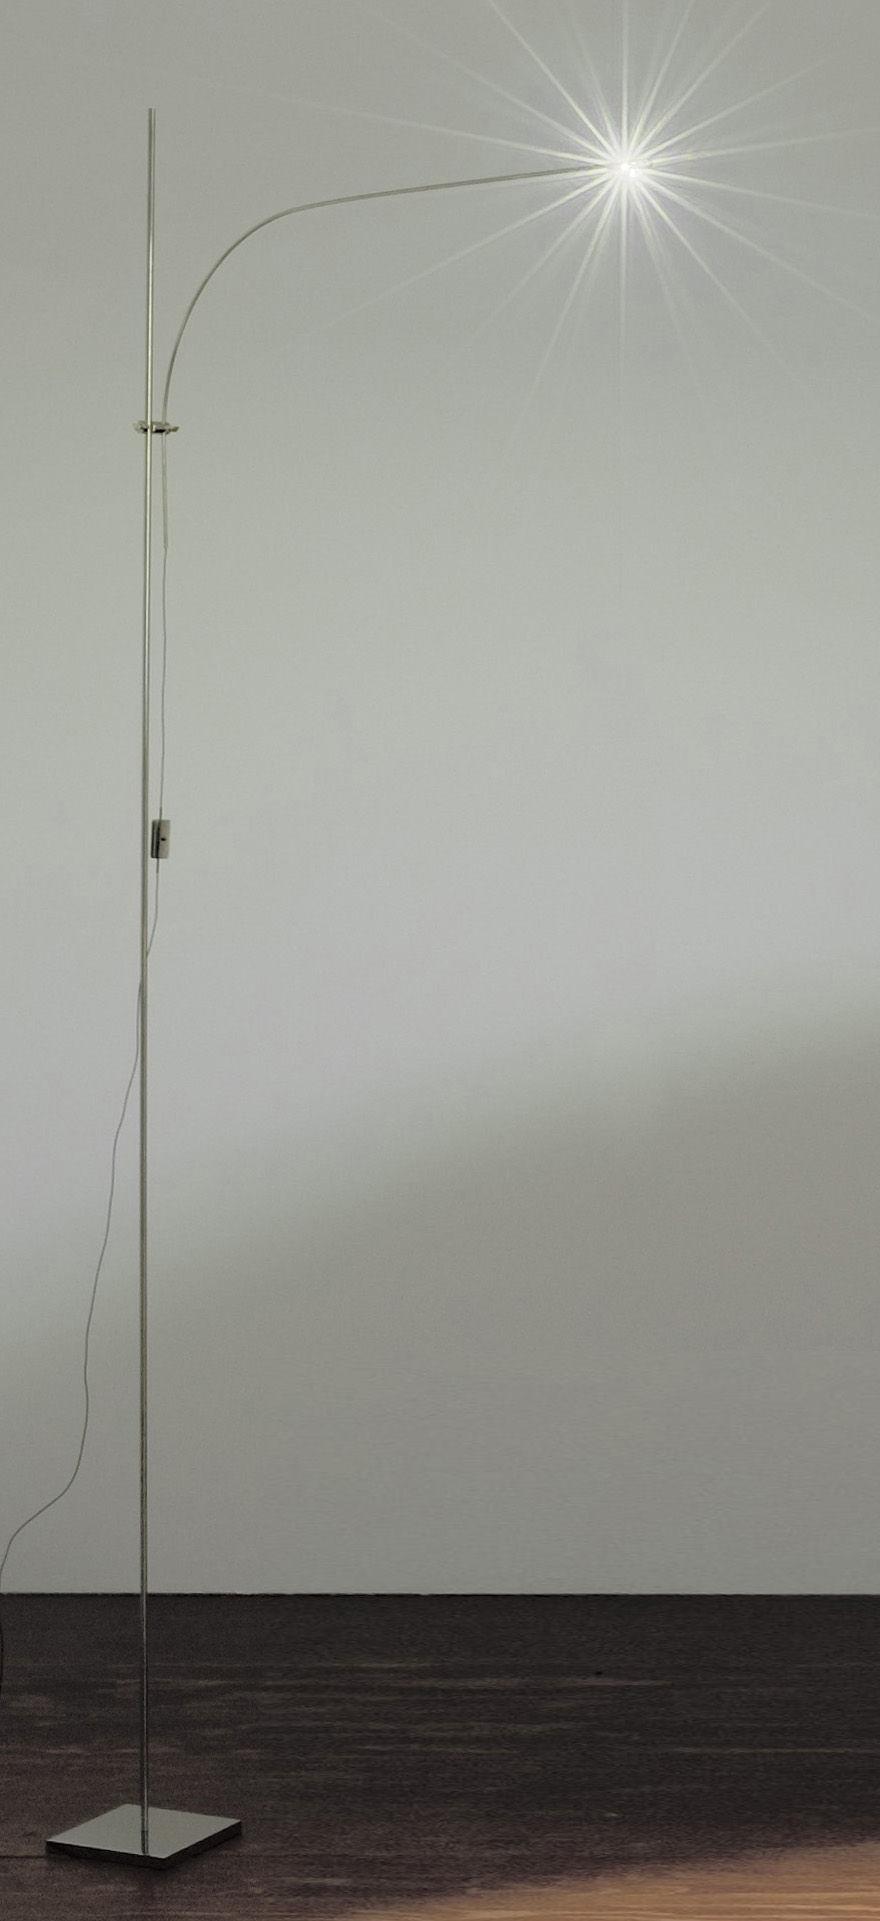 Leuchten - Stehleuchten - UAU Stehleuchte - Catellani & Smith - Silberfarben - Metall